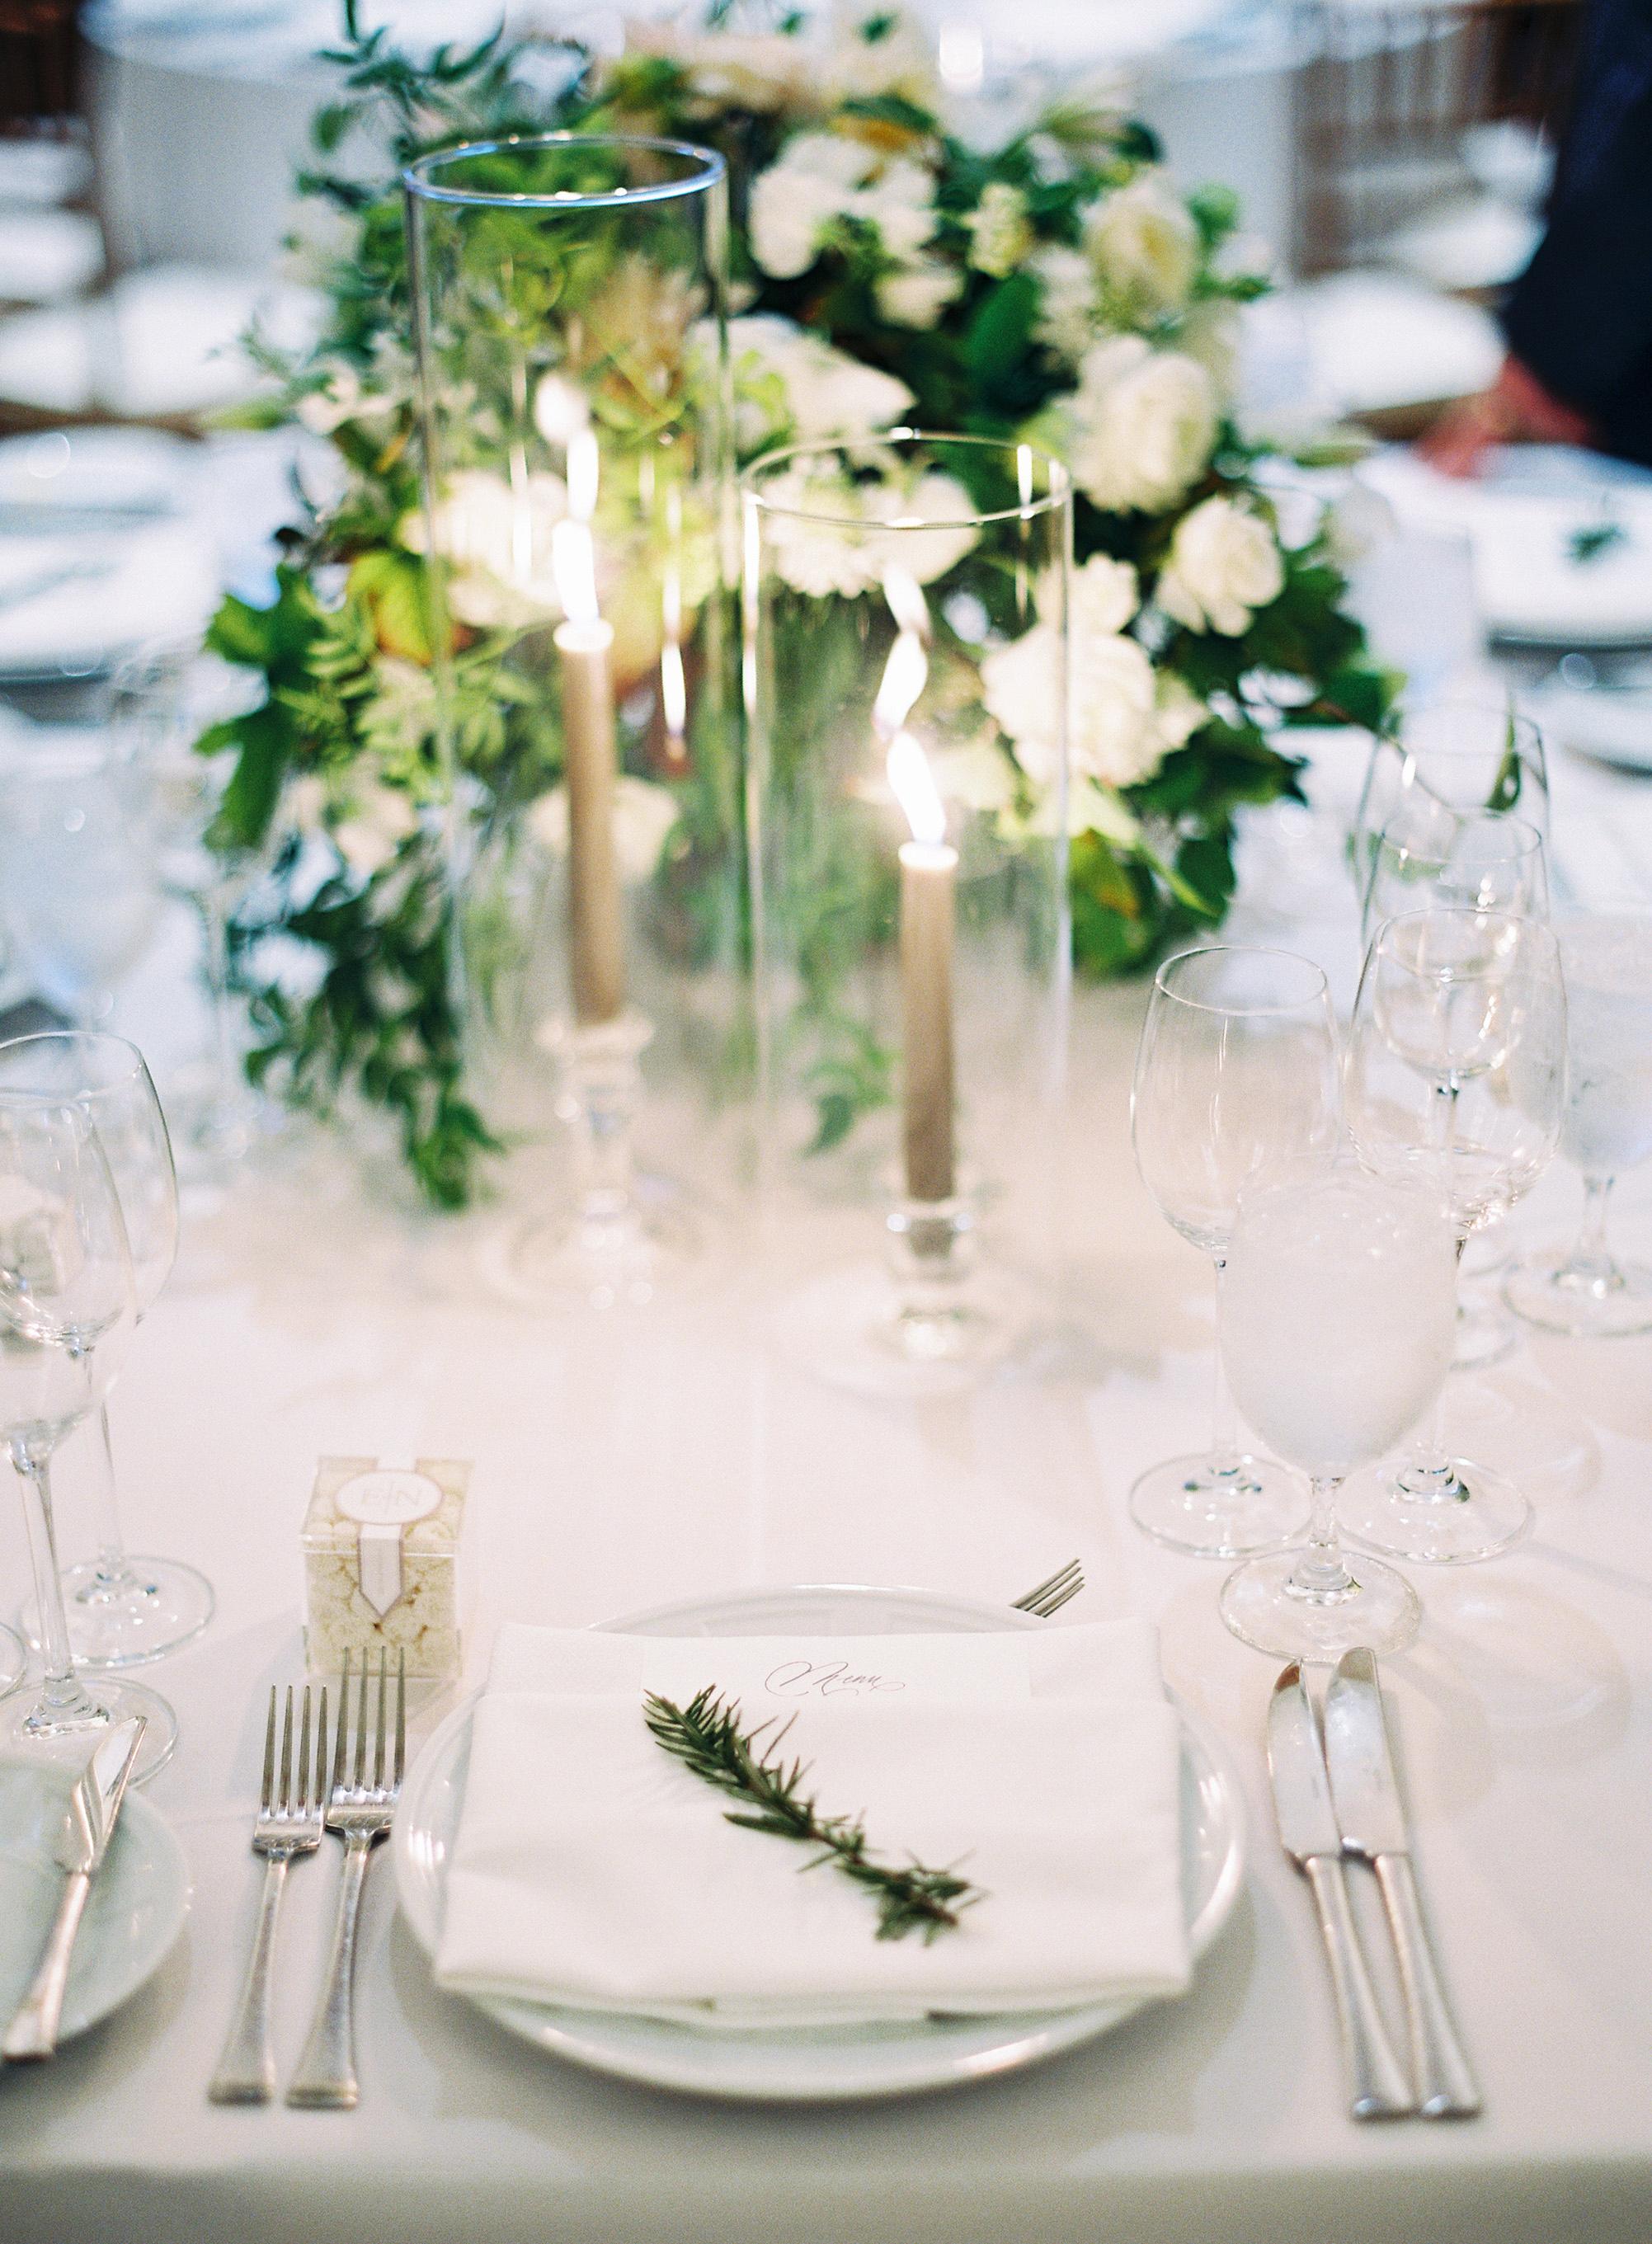 burdiak-wedding-344.jpg